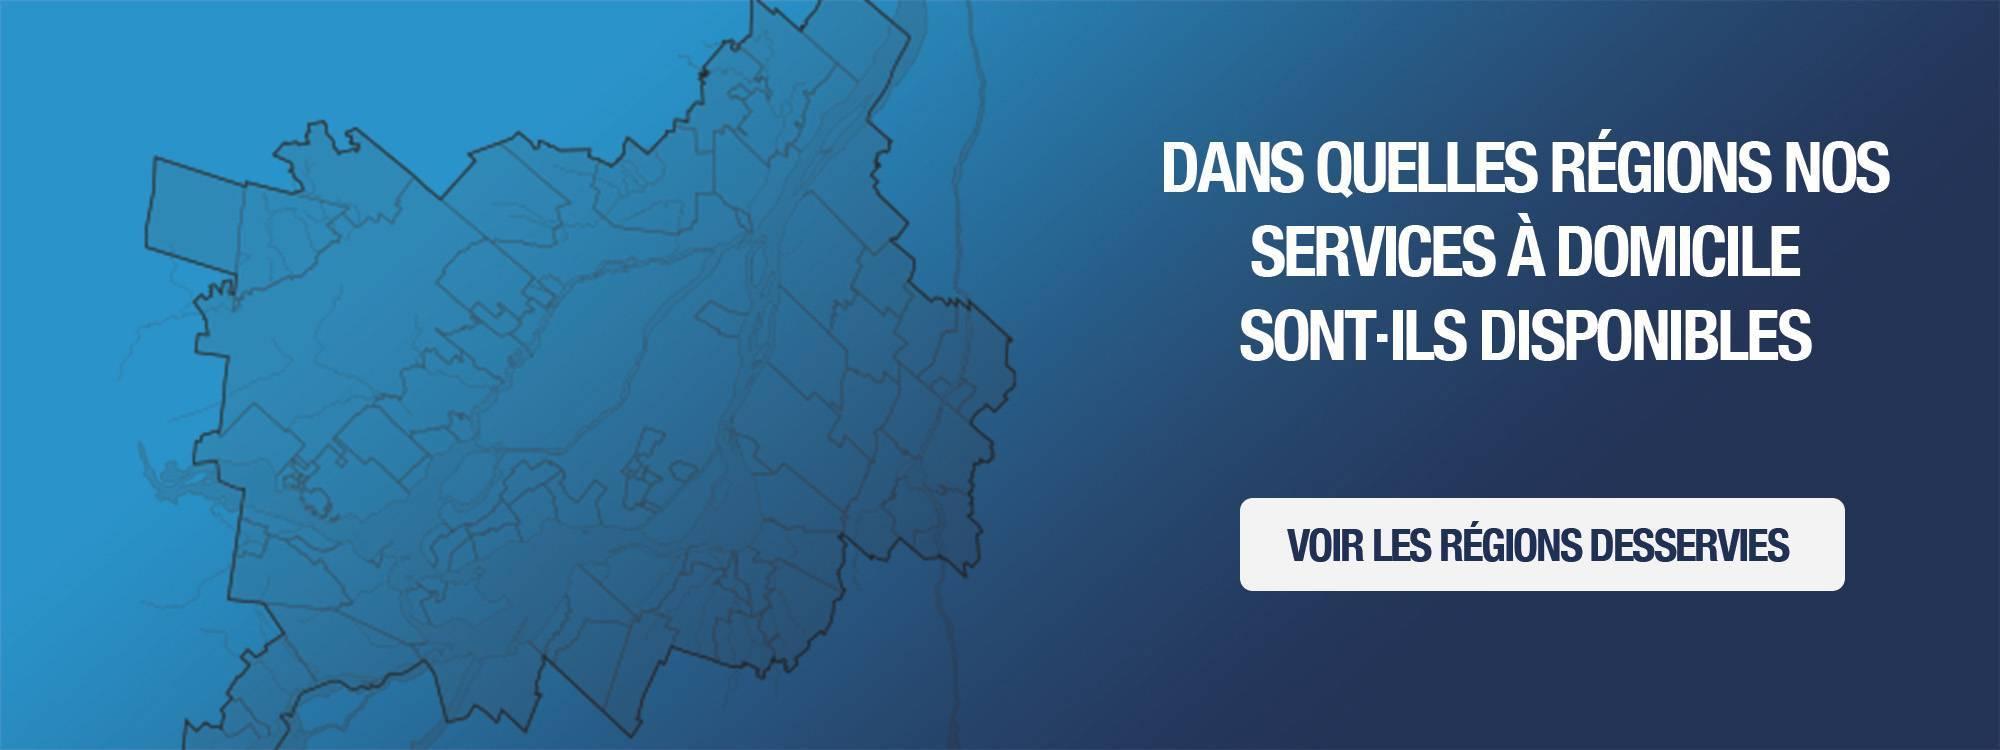 regions-desservies